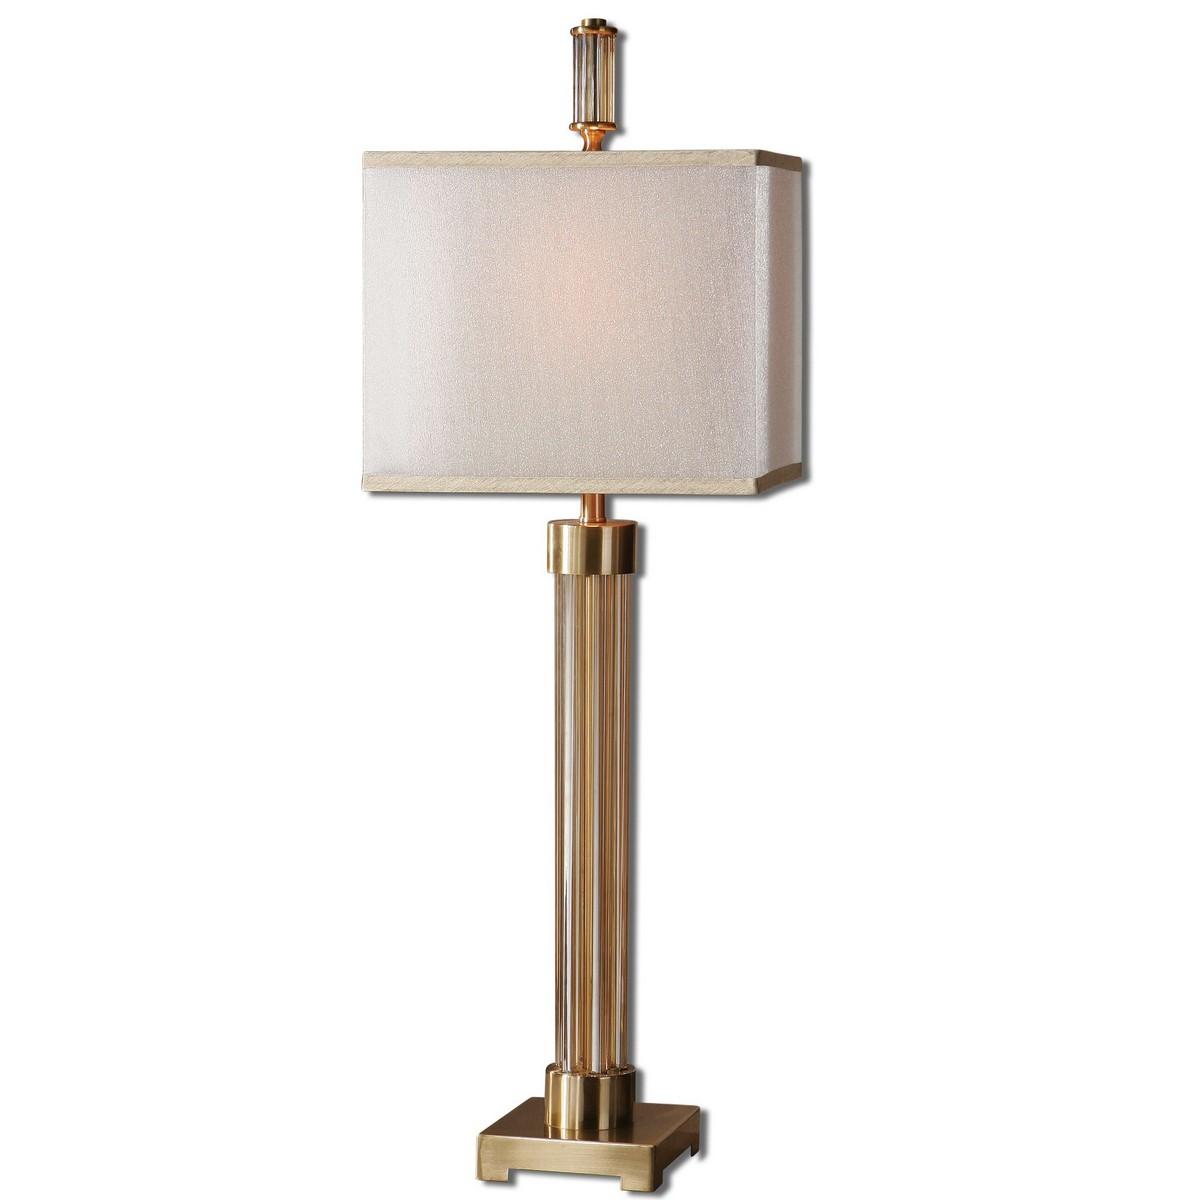 Uttermost Moraira Amber Glass Buffet Lamp 29938-1